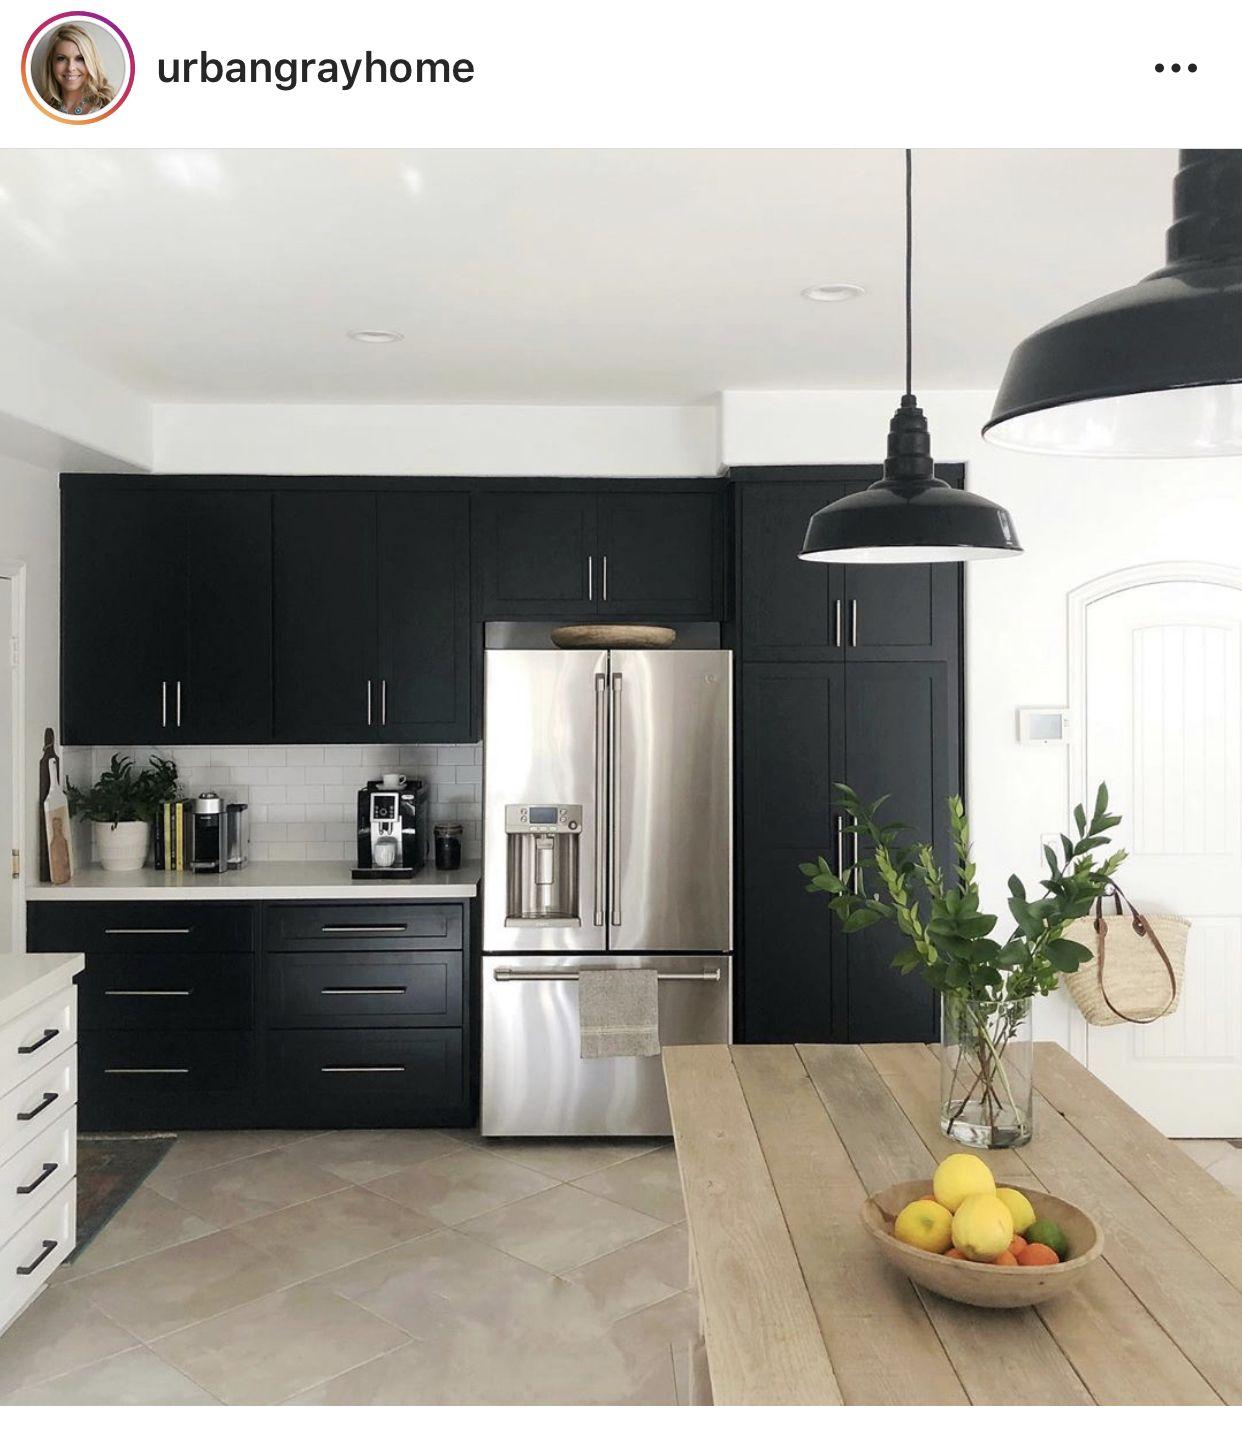 Pin By Megan Rossman On K I T C H E N S D I N I N G S Kitchen White Kitchen Home